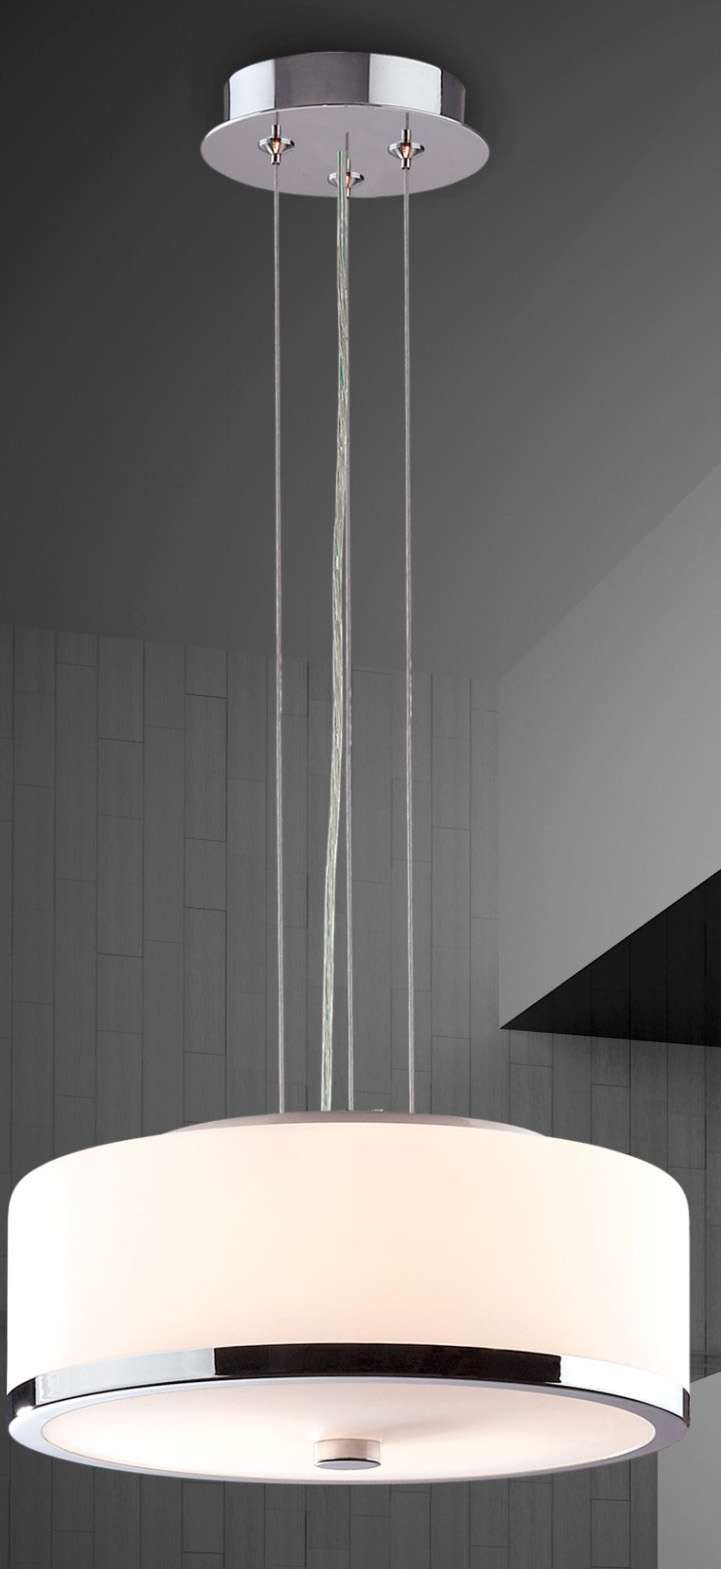 LAMPA wisząca LORIS MA01806CD-002 Italux IP20 stylowa OPRAWA okrągła ZWIS biały